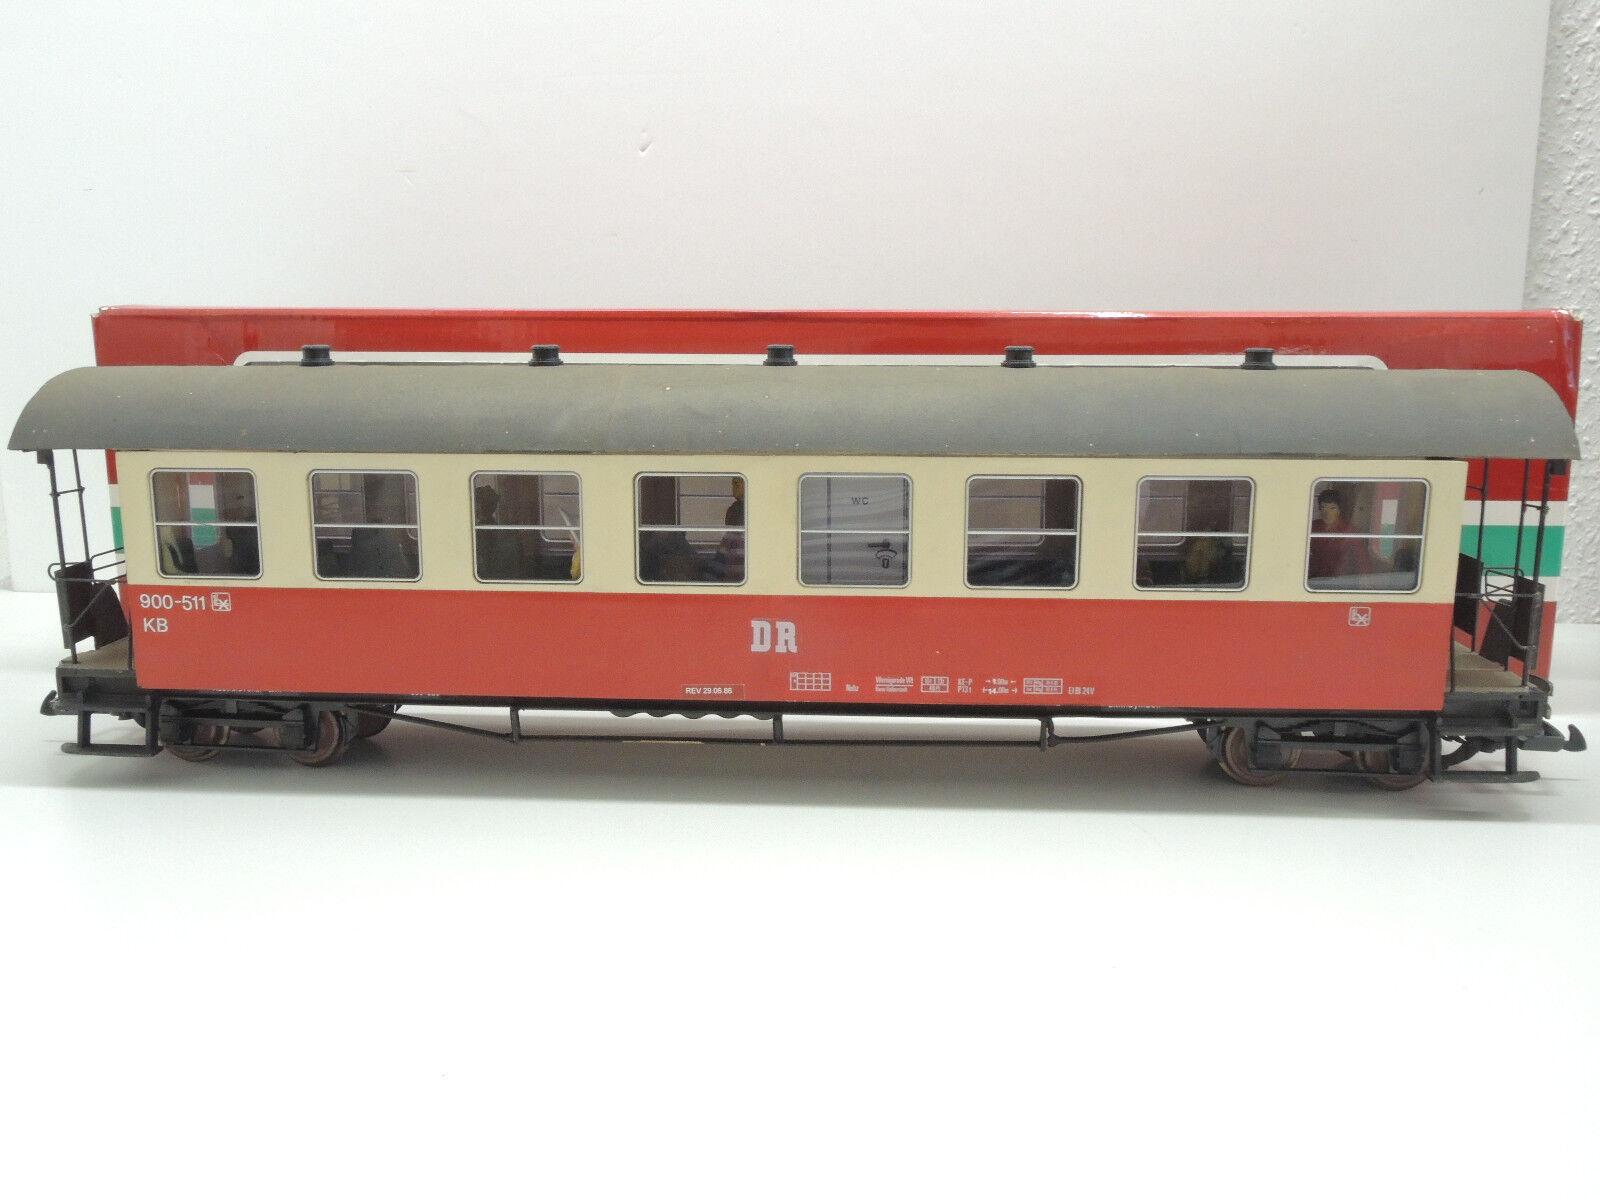 LGB Spur G MAGNUS-HÖHNE UMBAU   Personenwagen der DR, 900-511,  LGB OVP